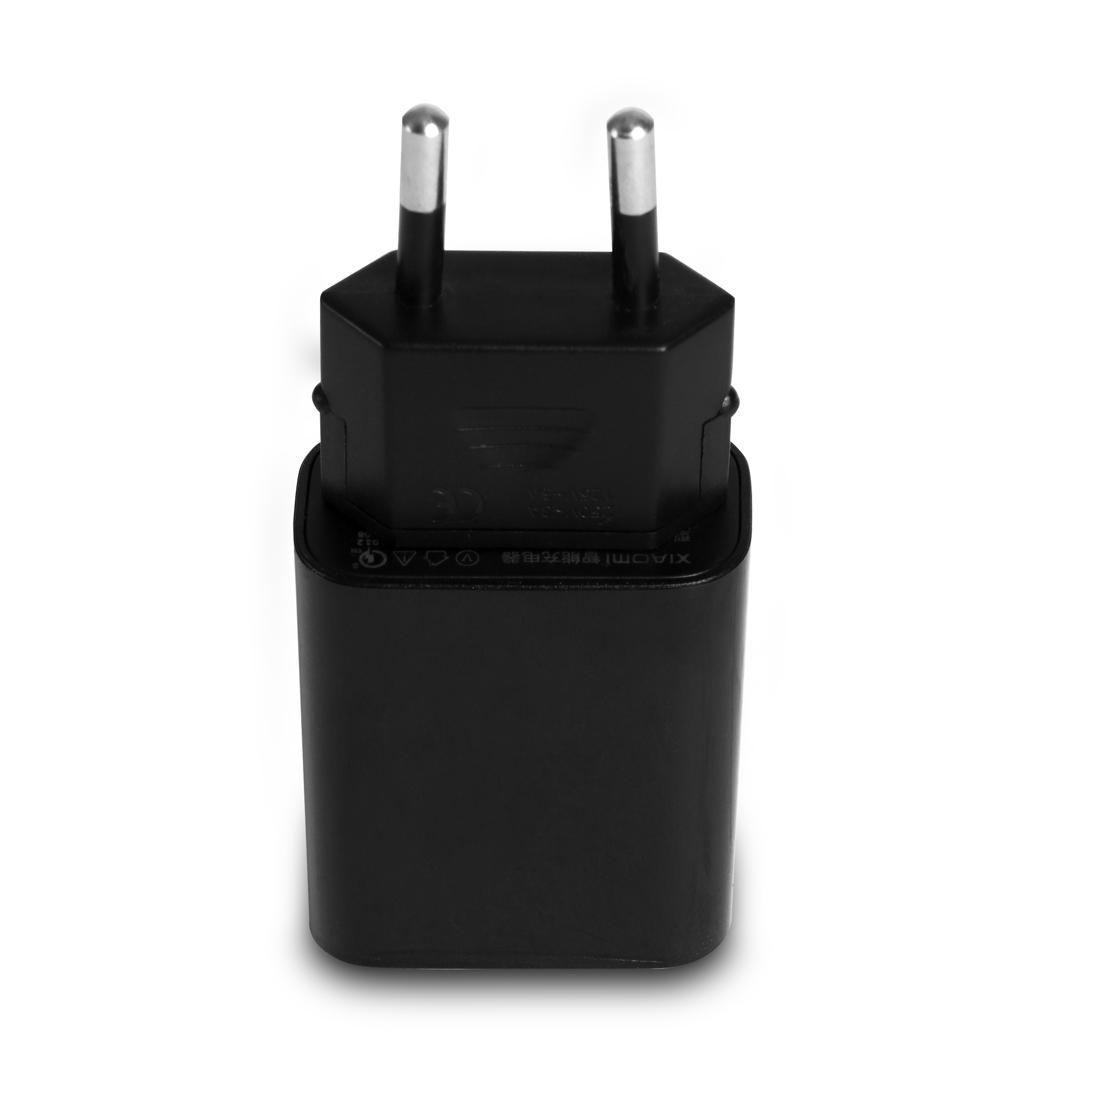 Универсальное USB зарядное устройство Xiaomi (Евро. ст.)